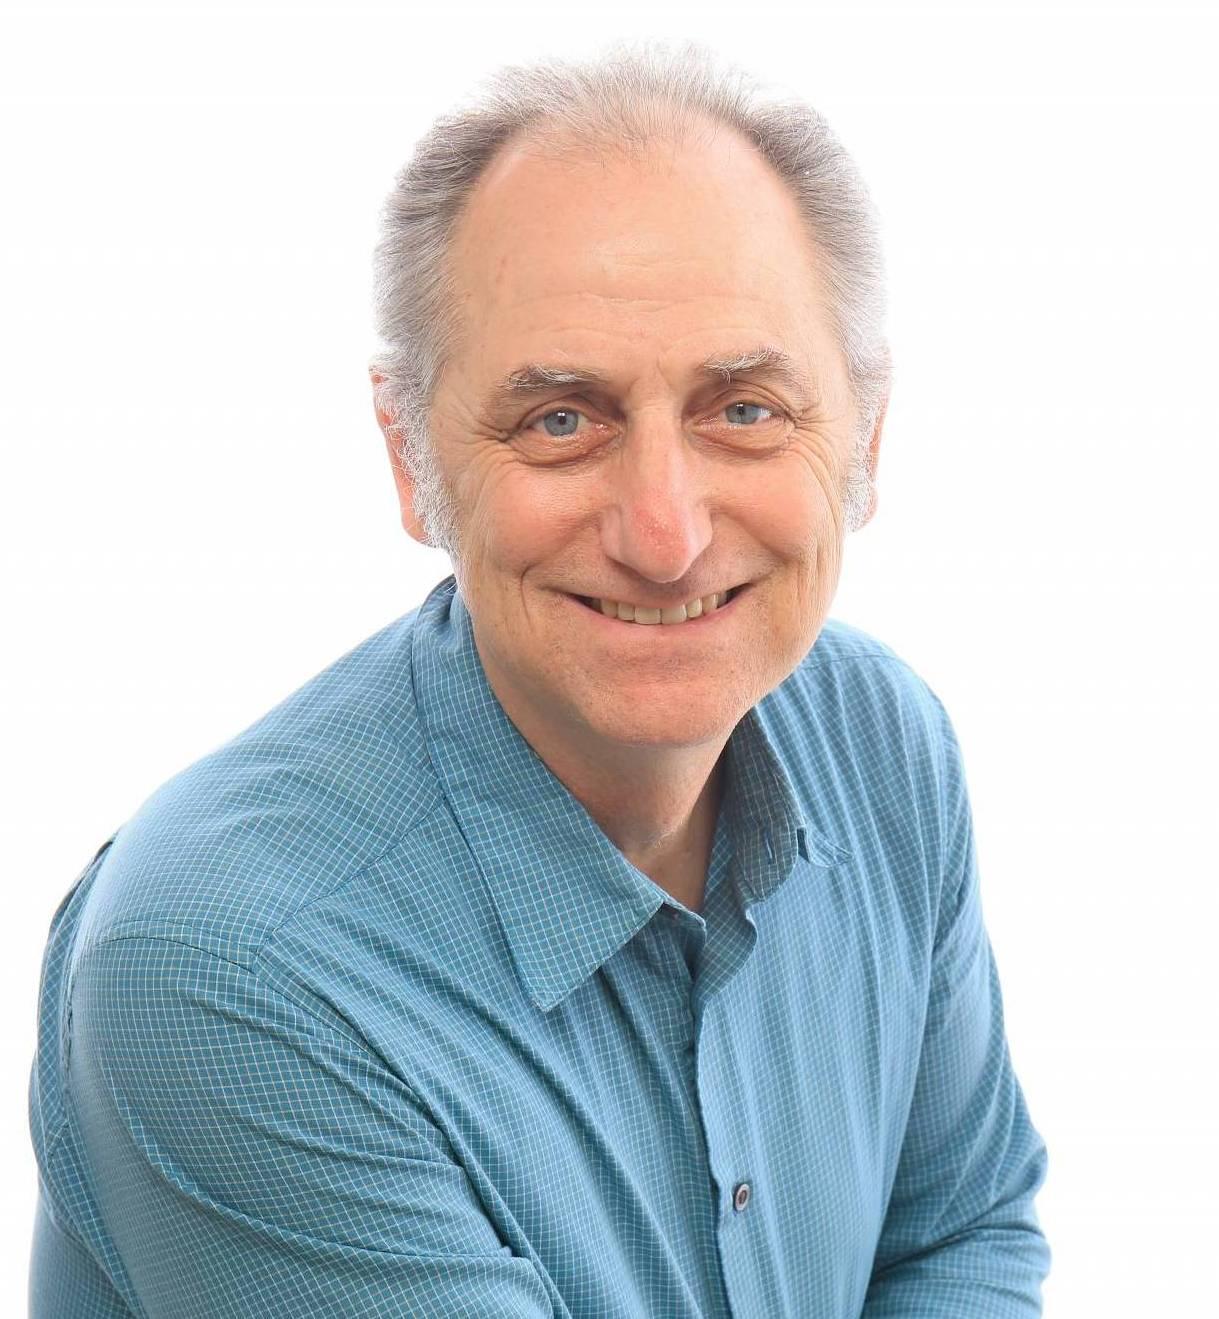 Andrew Getz